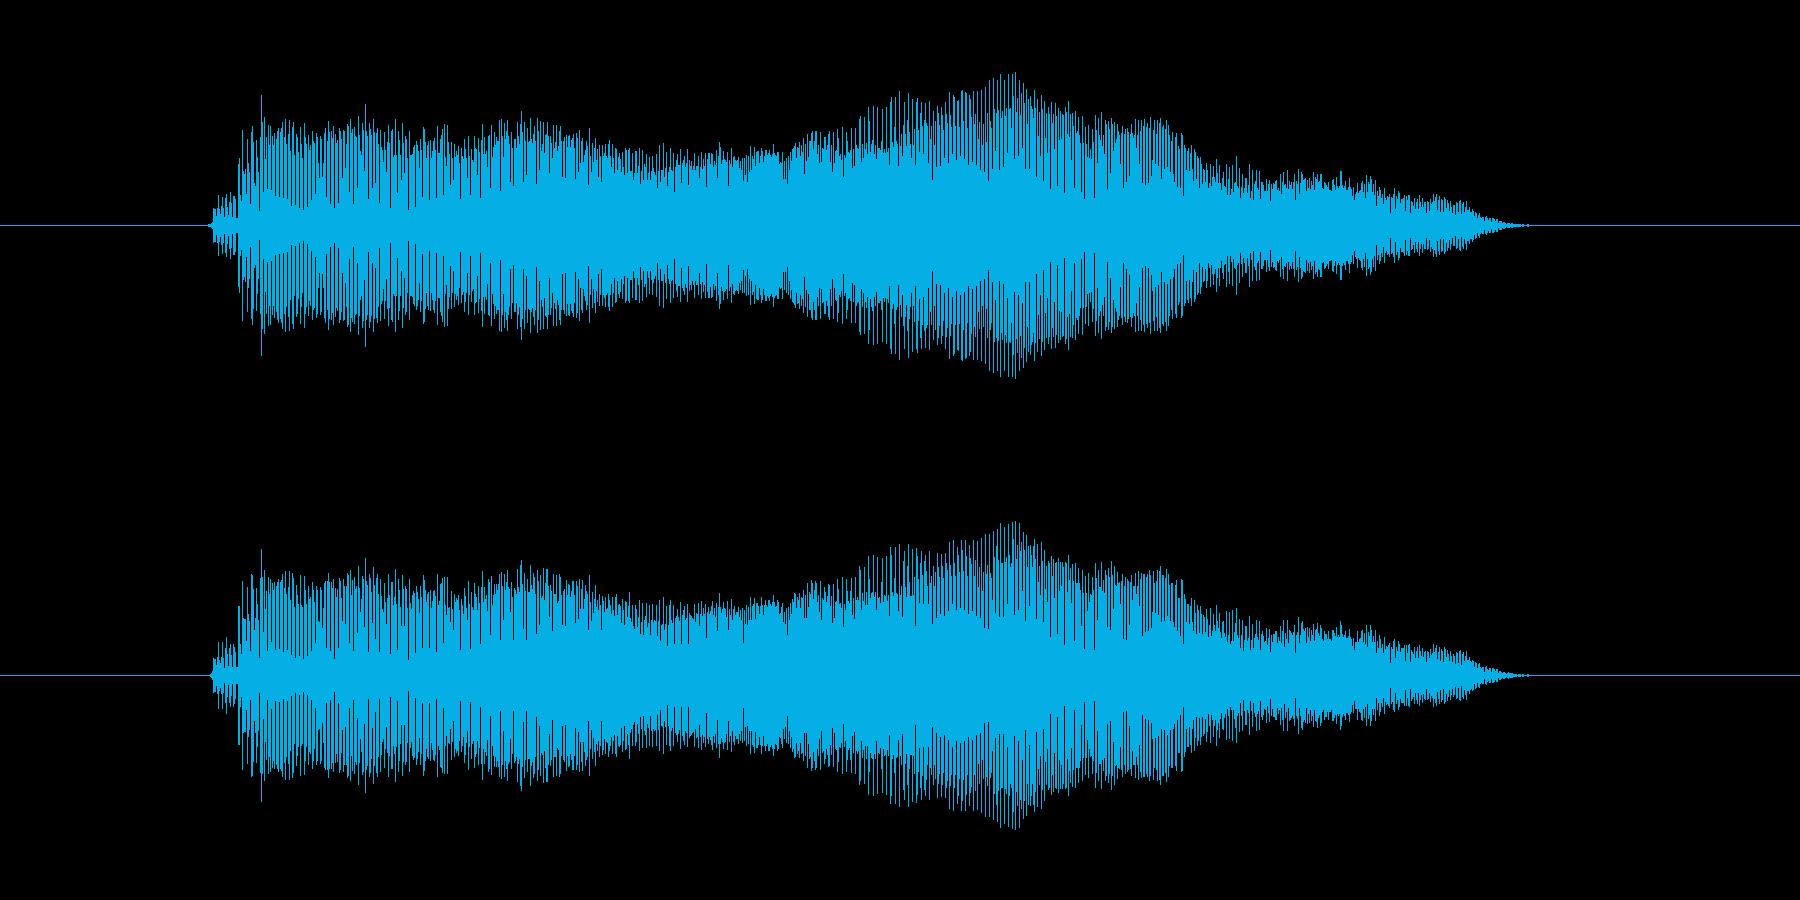 えいえい の再生済みの波形